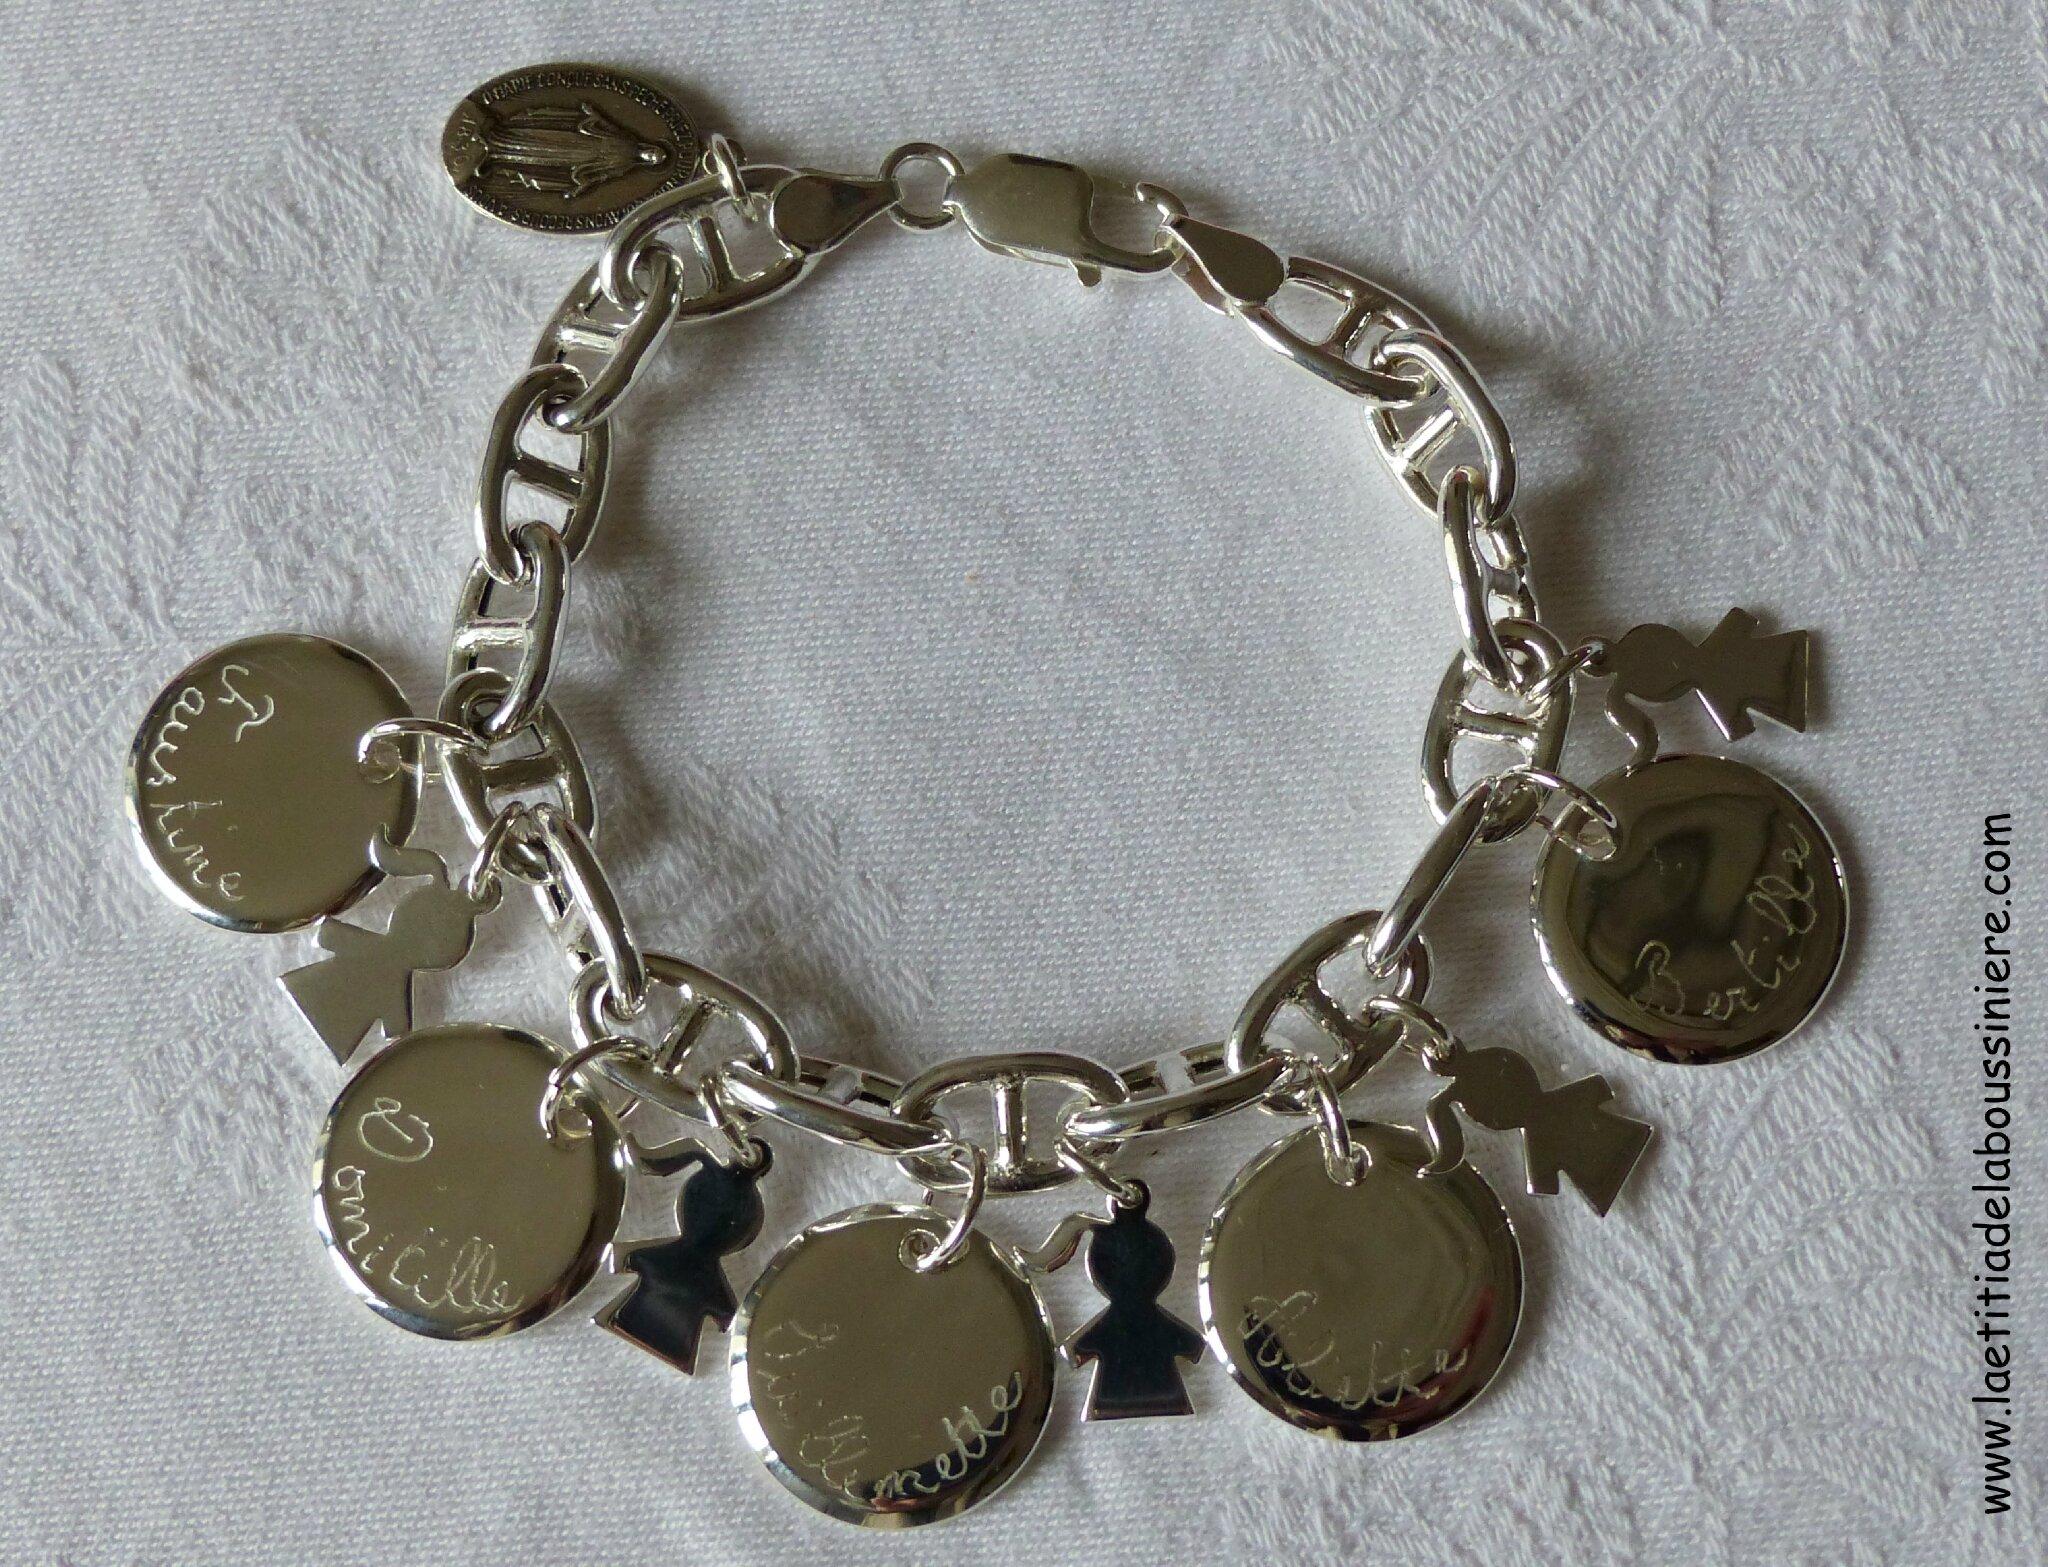 Bracelet sur chaîne maille marine en argent massif composé de 5 médailles en argent massif bombées et gravées, et 5 mini breloques fillettes en argent massif